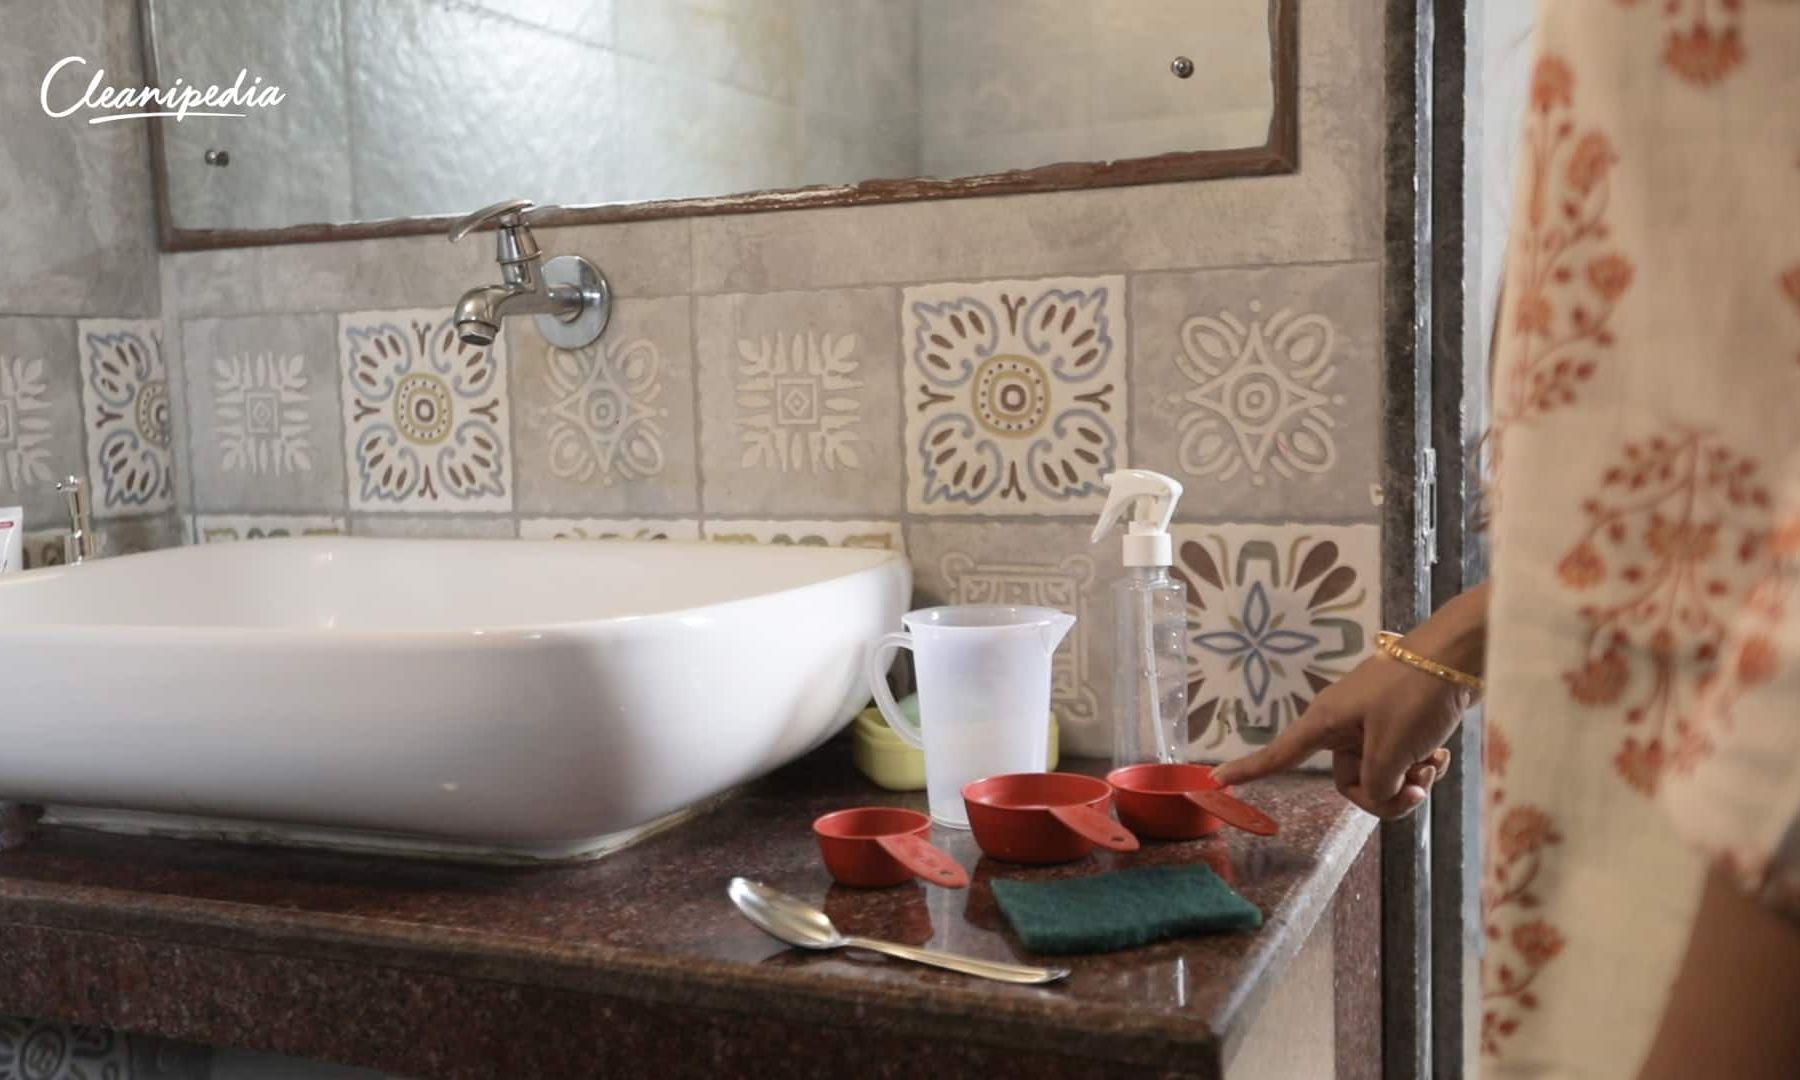 Hướng dẫn vệ sinh bồn rửa mặt theo vật liệu sứ, gỗ và đá hoa cương